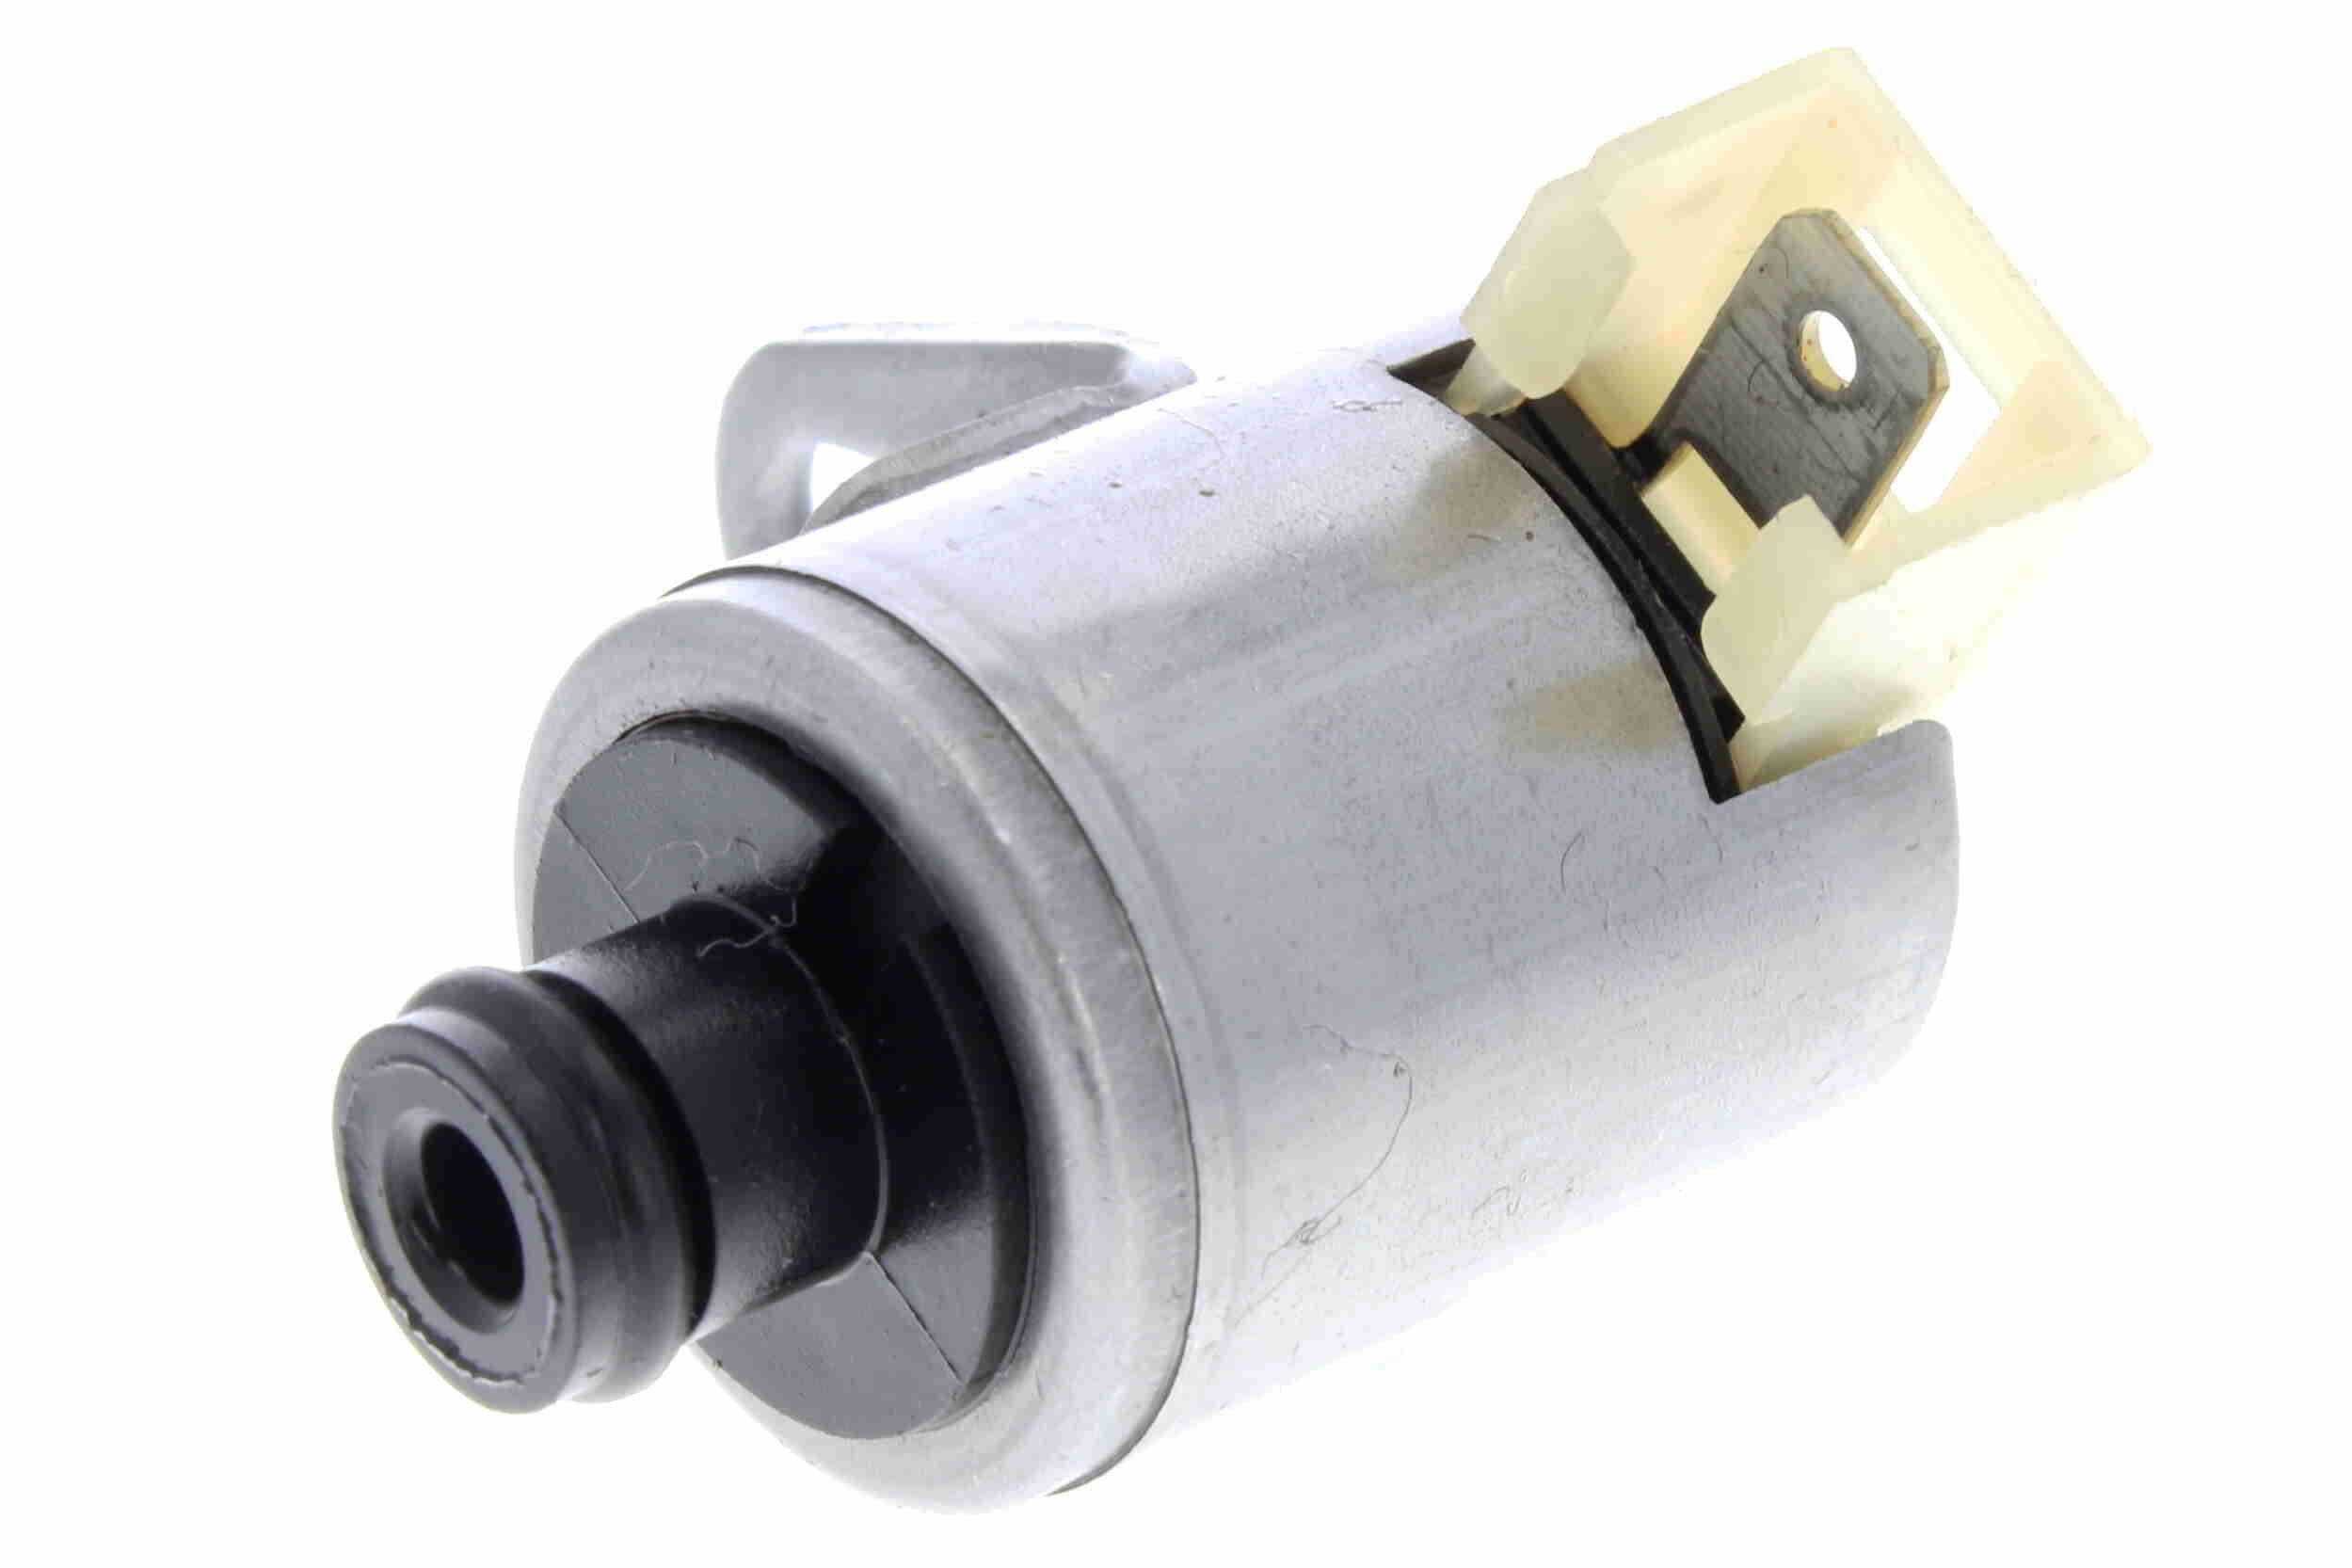 AUDI A6 2011 Schaltventil, Automatikgetriebe - Original VEMO V48-77-0004